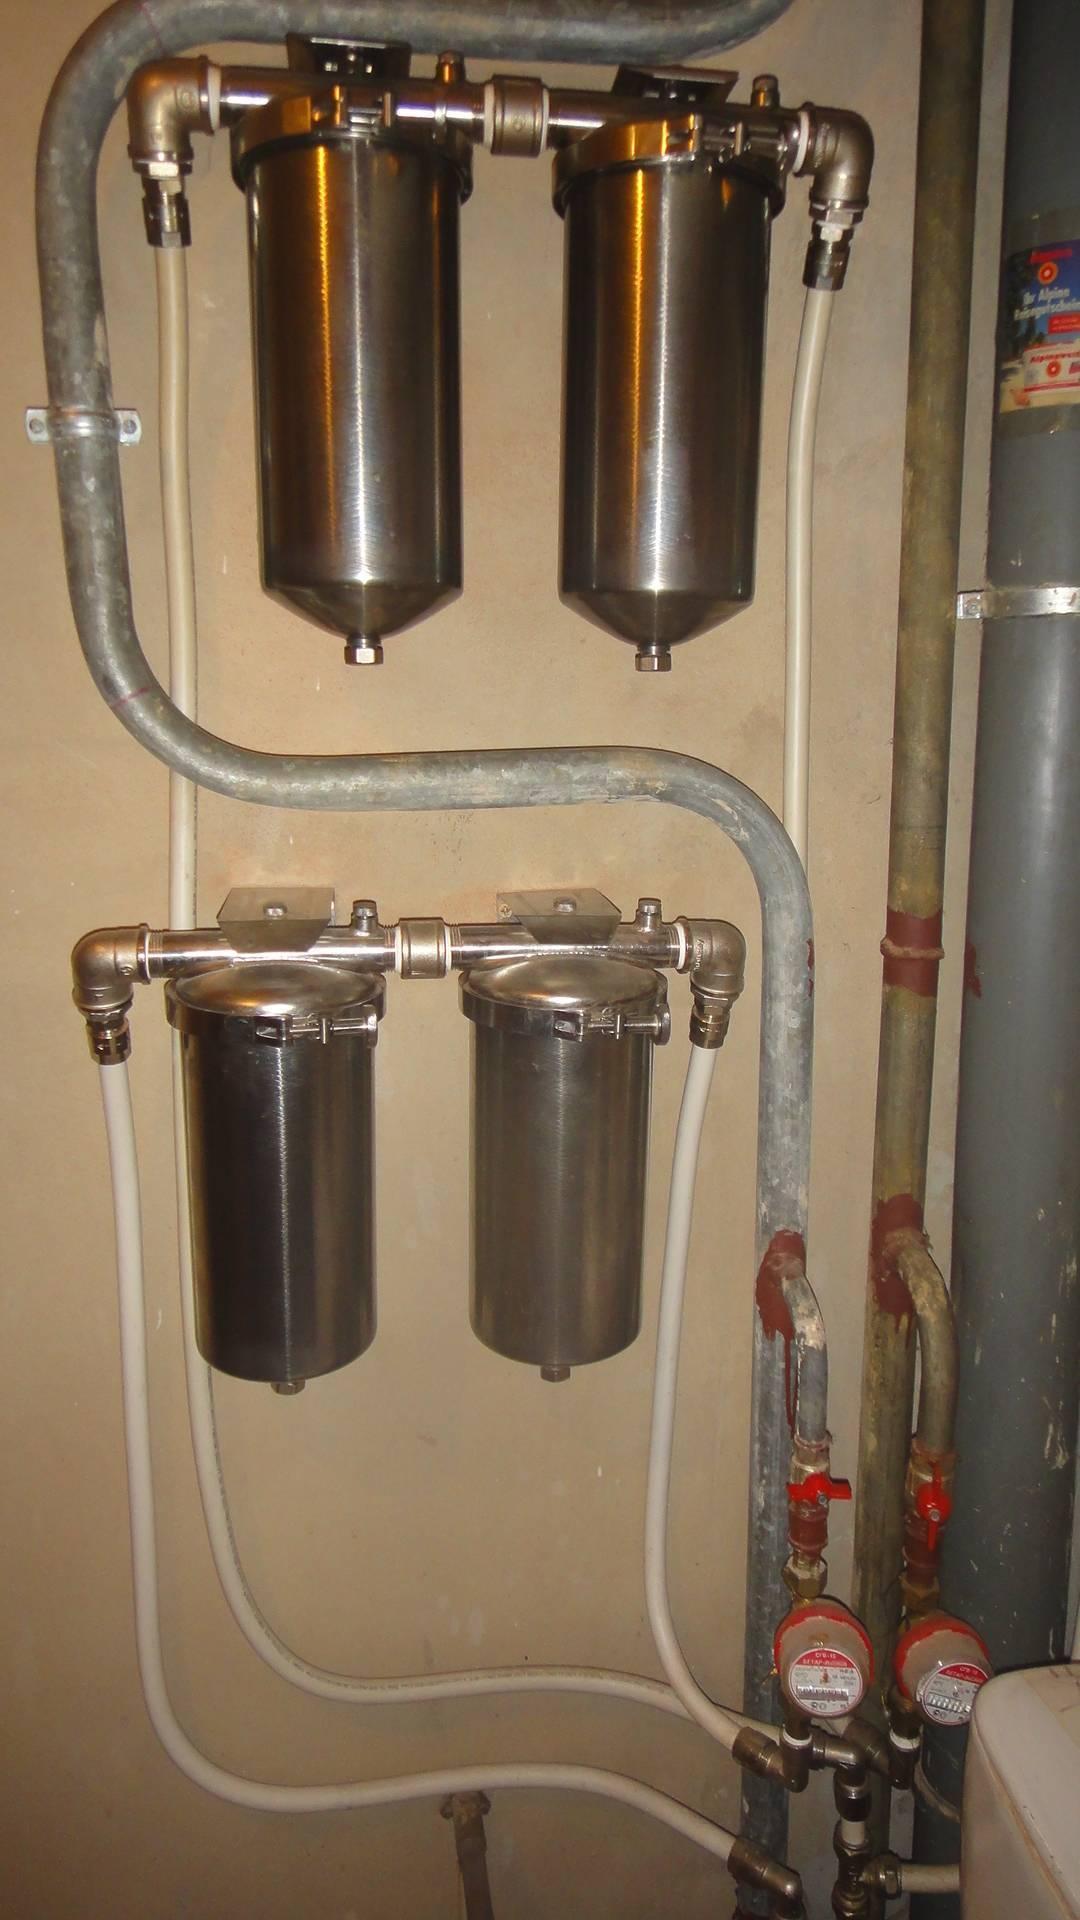 Фильтры для очистки воды в квартире: система фильтрации для жесткой влаги, какие конструкции лучше поставить на водопровод